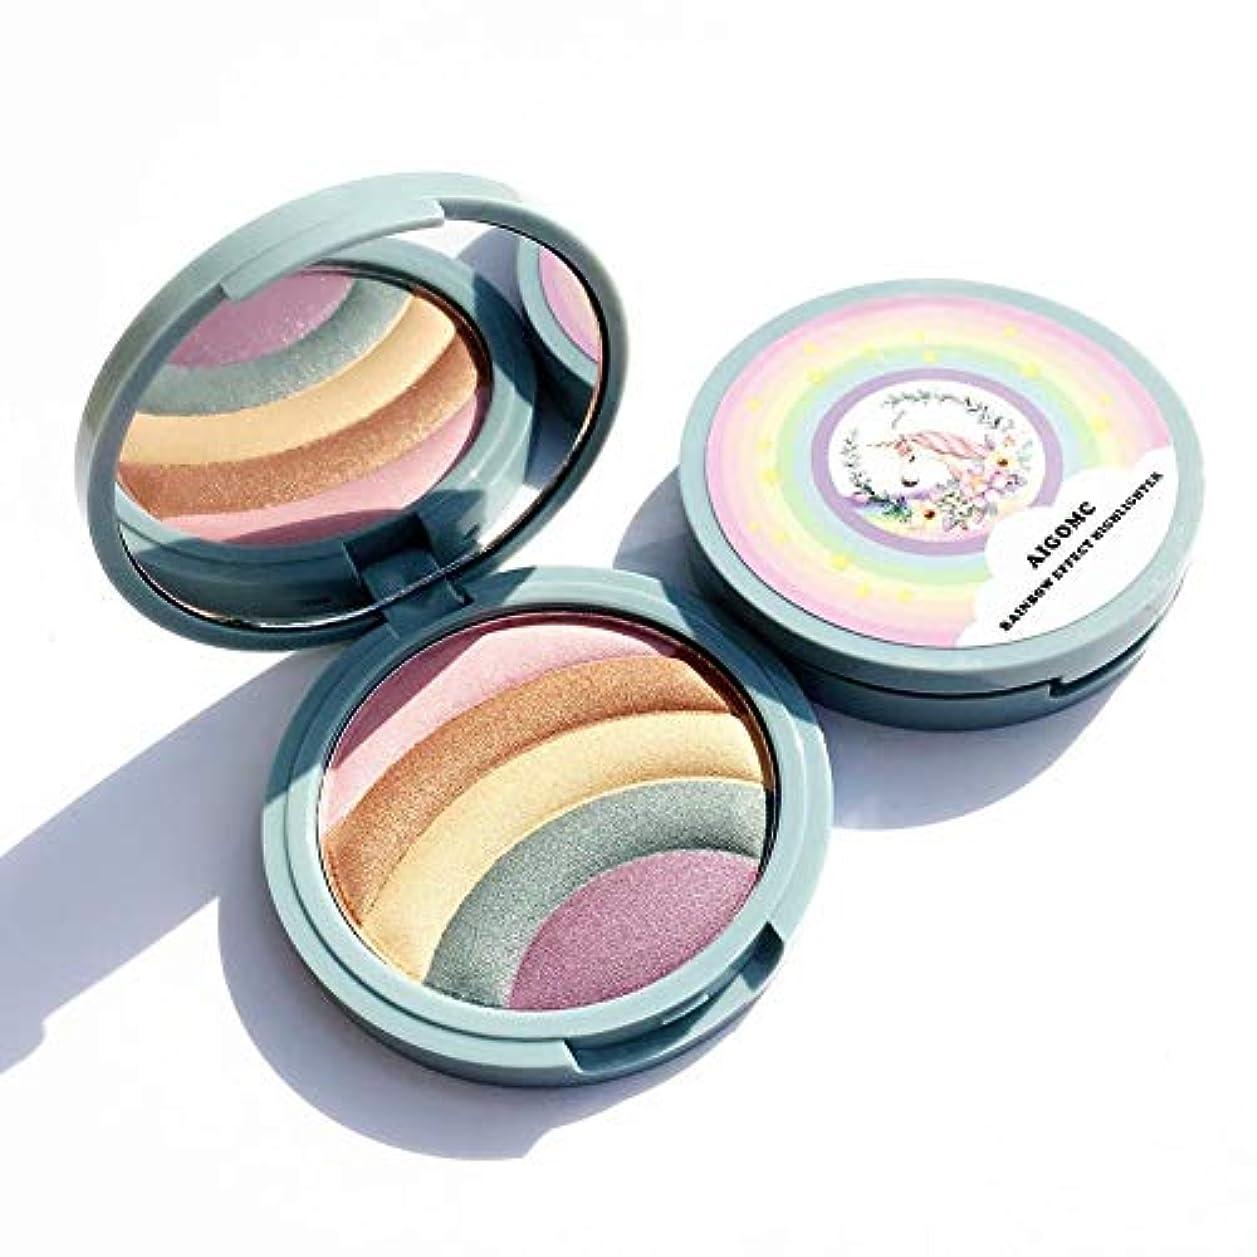 ジョイントレンディションスラックBrill(ブリーオ)最高のプロアイシャドウマットパレットメイクアイシャドウプロフェッショナル完璧なファイル暖かいナチュラルニュートラルスモーキーパレットアイメイクアップシルキーパウダー化粧品5色